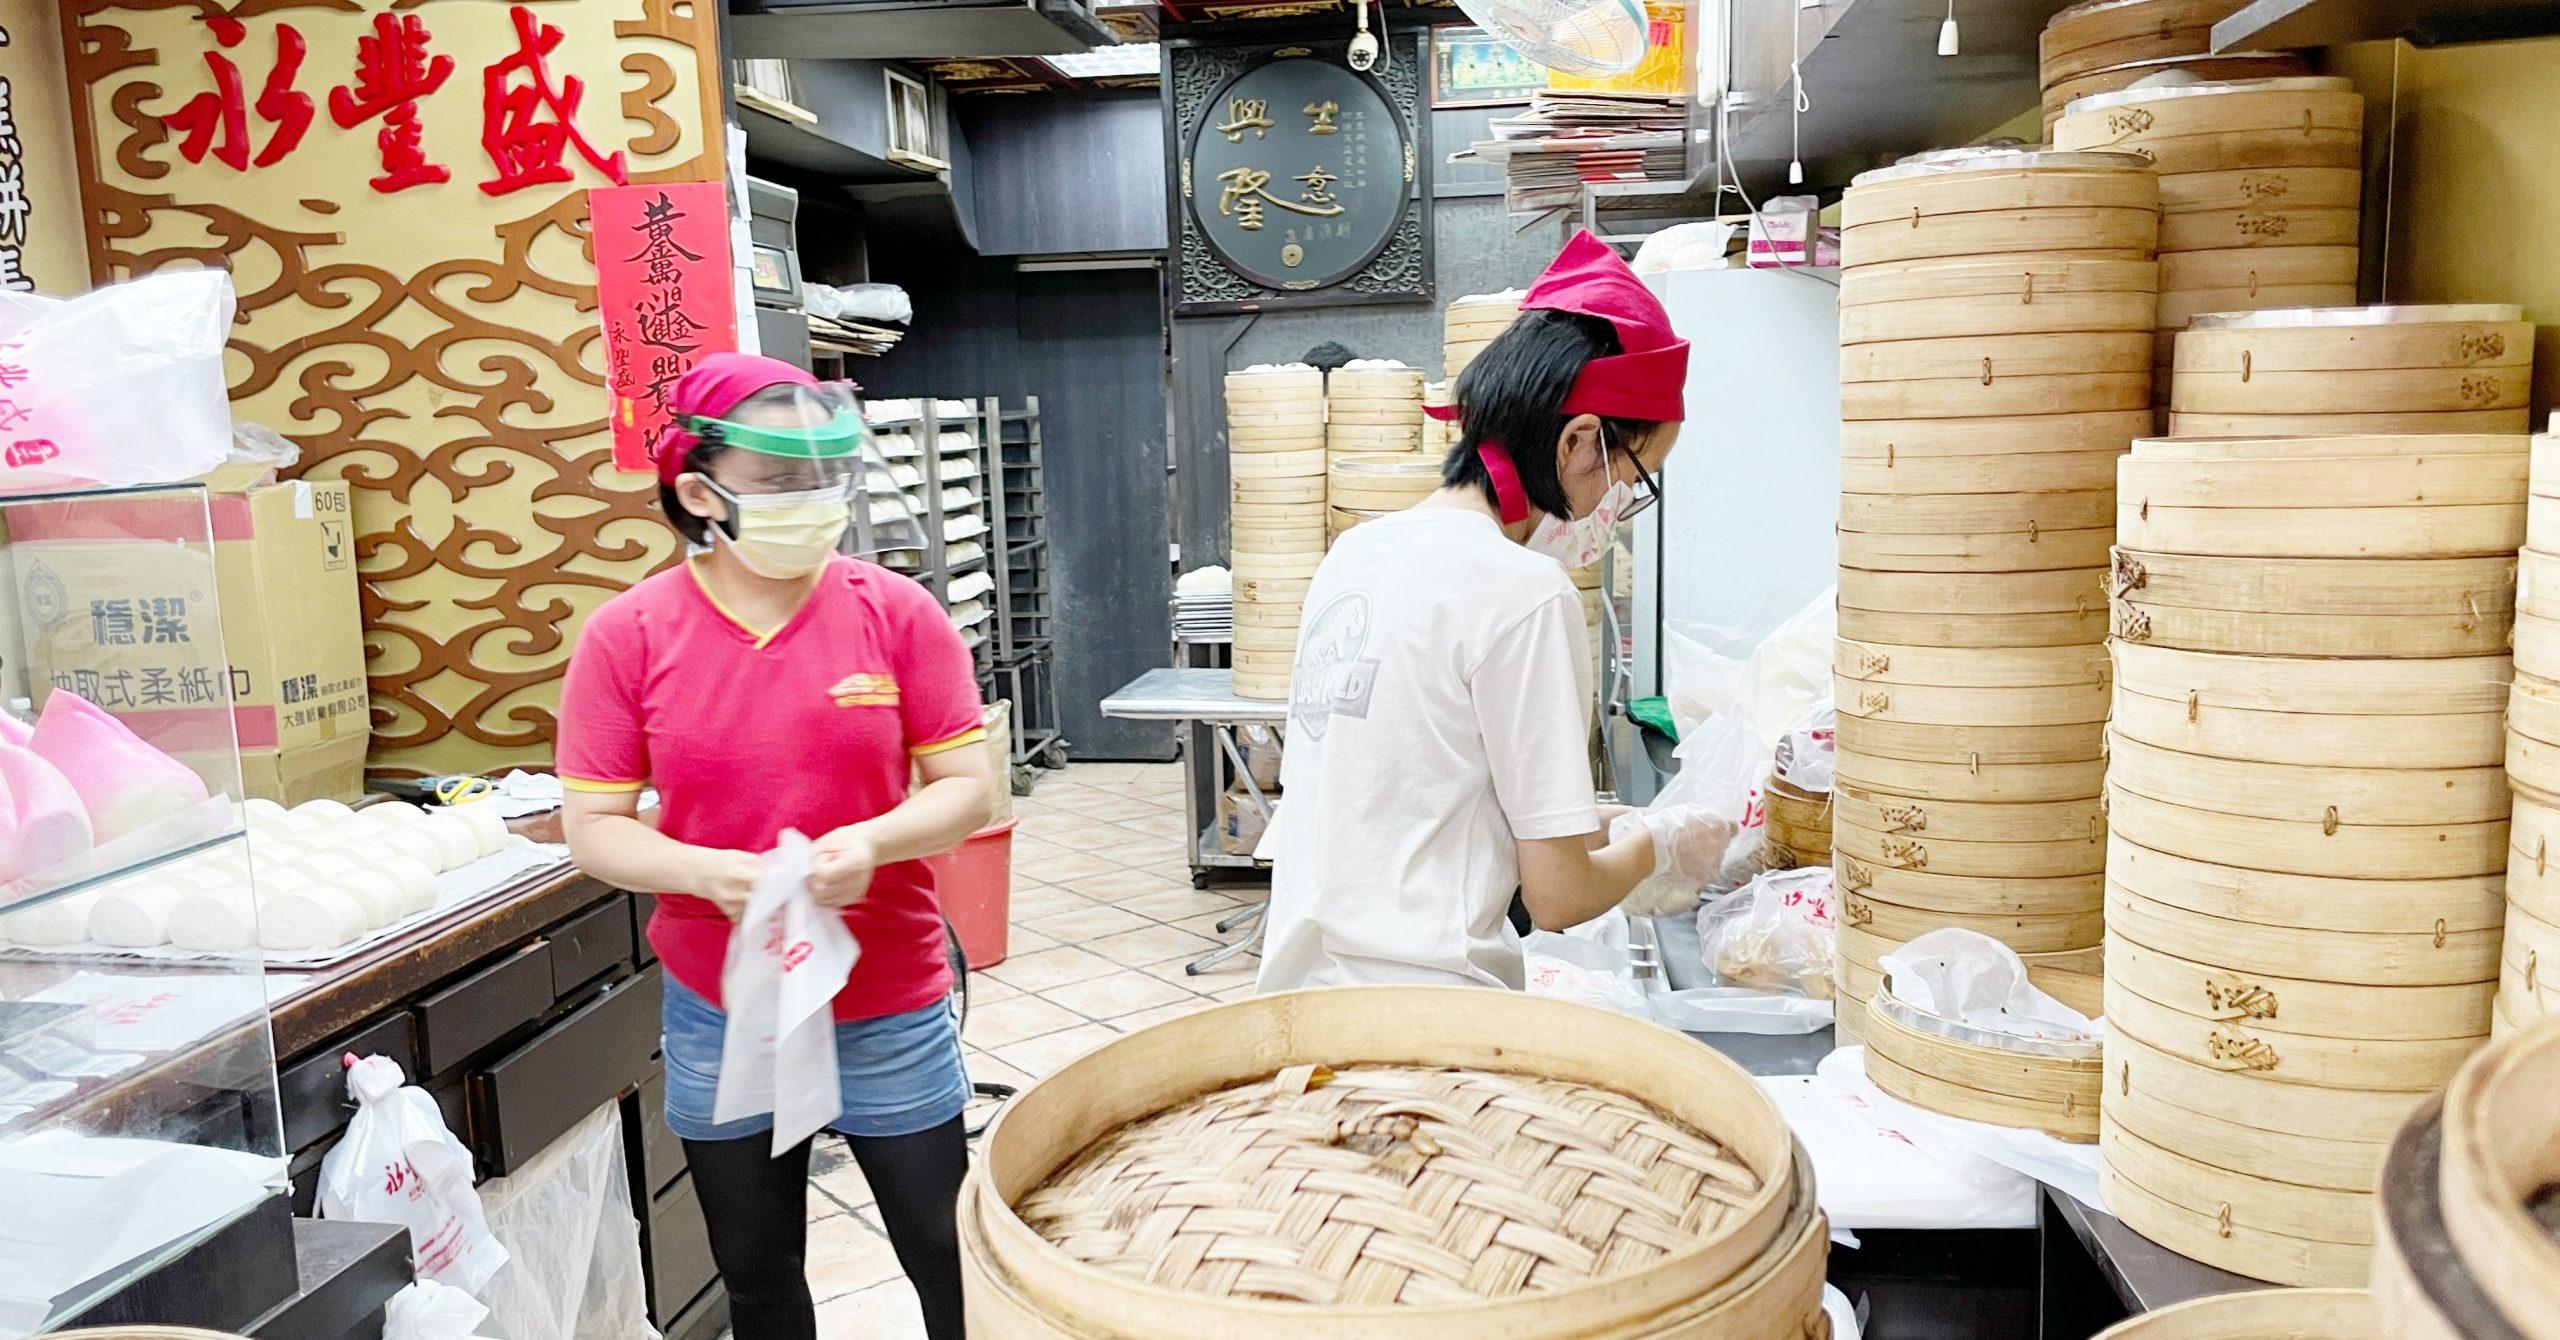 即時熱門文章:【師大美食】永豐盛手工包子饅頭專賣店,包子味道真不錯(菜單)